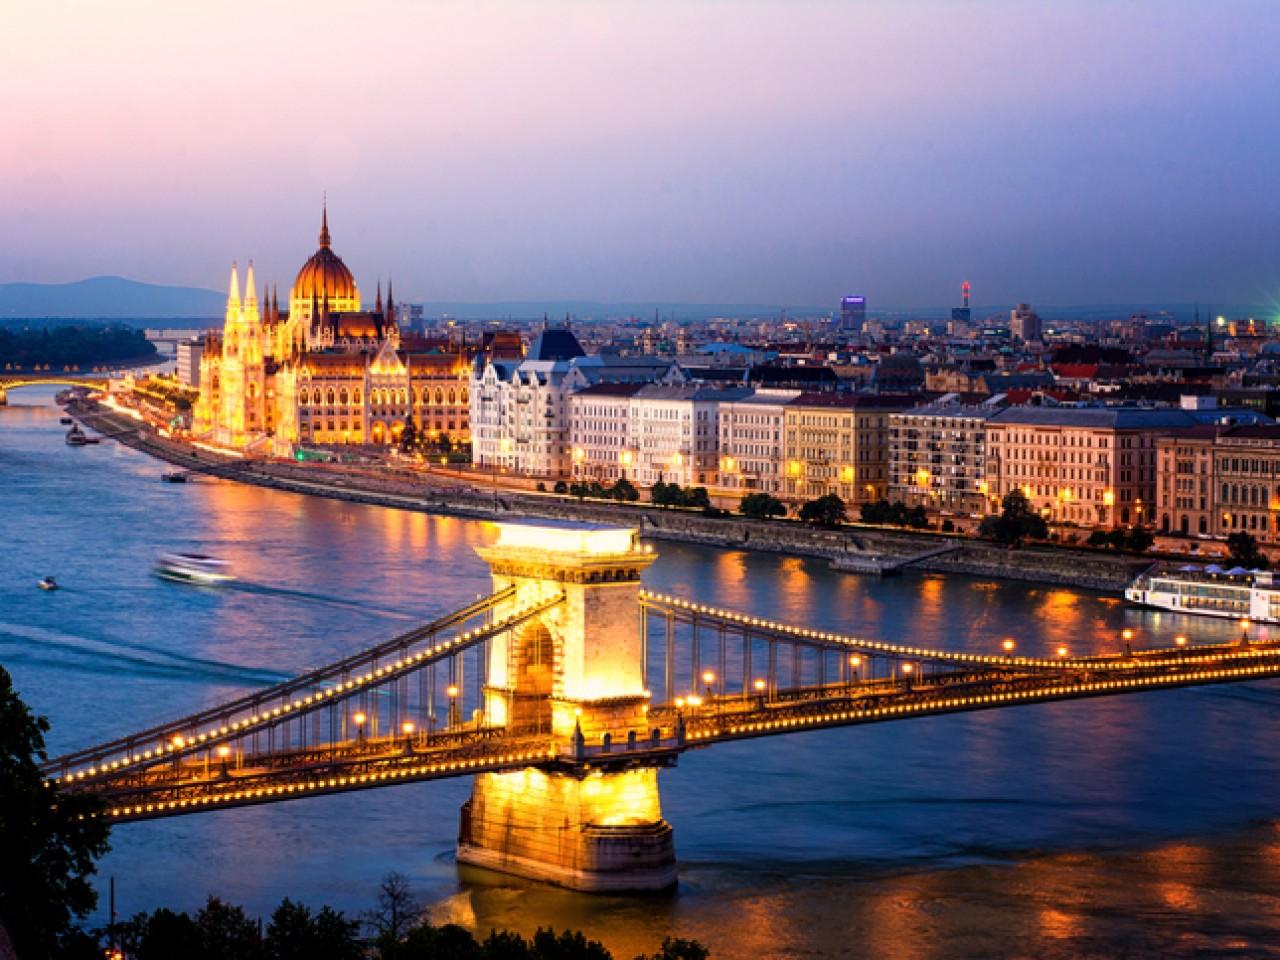 Andrea Bocelli Concert Break to Budapest, 15 November 2019